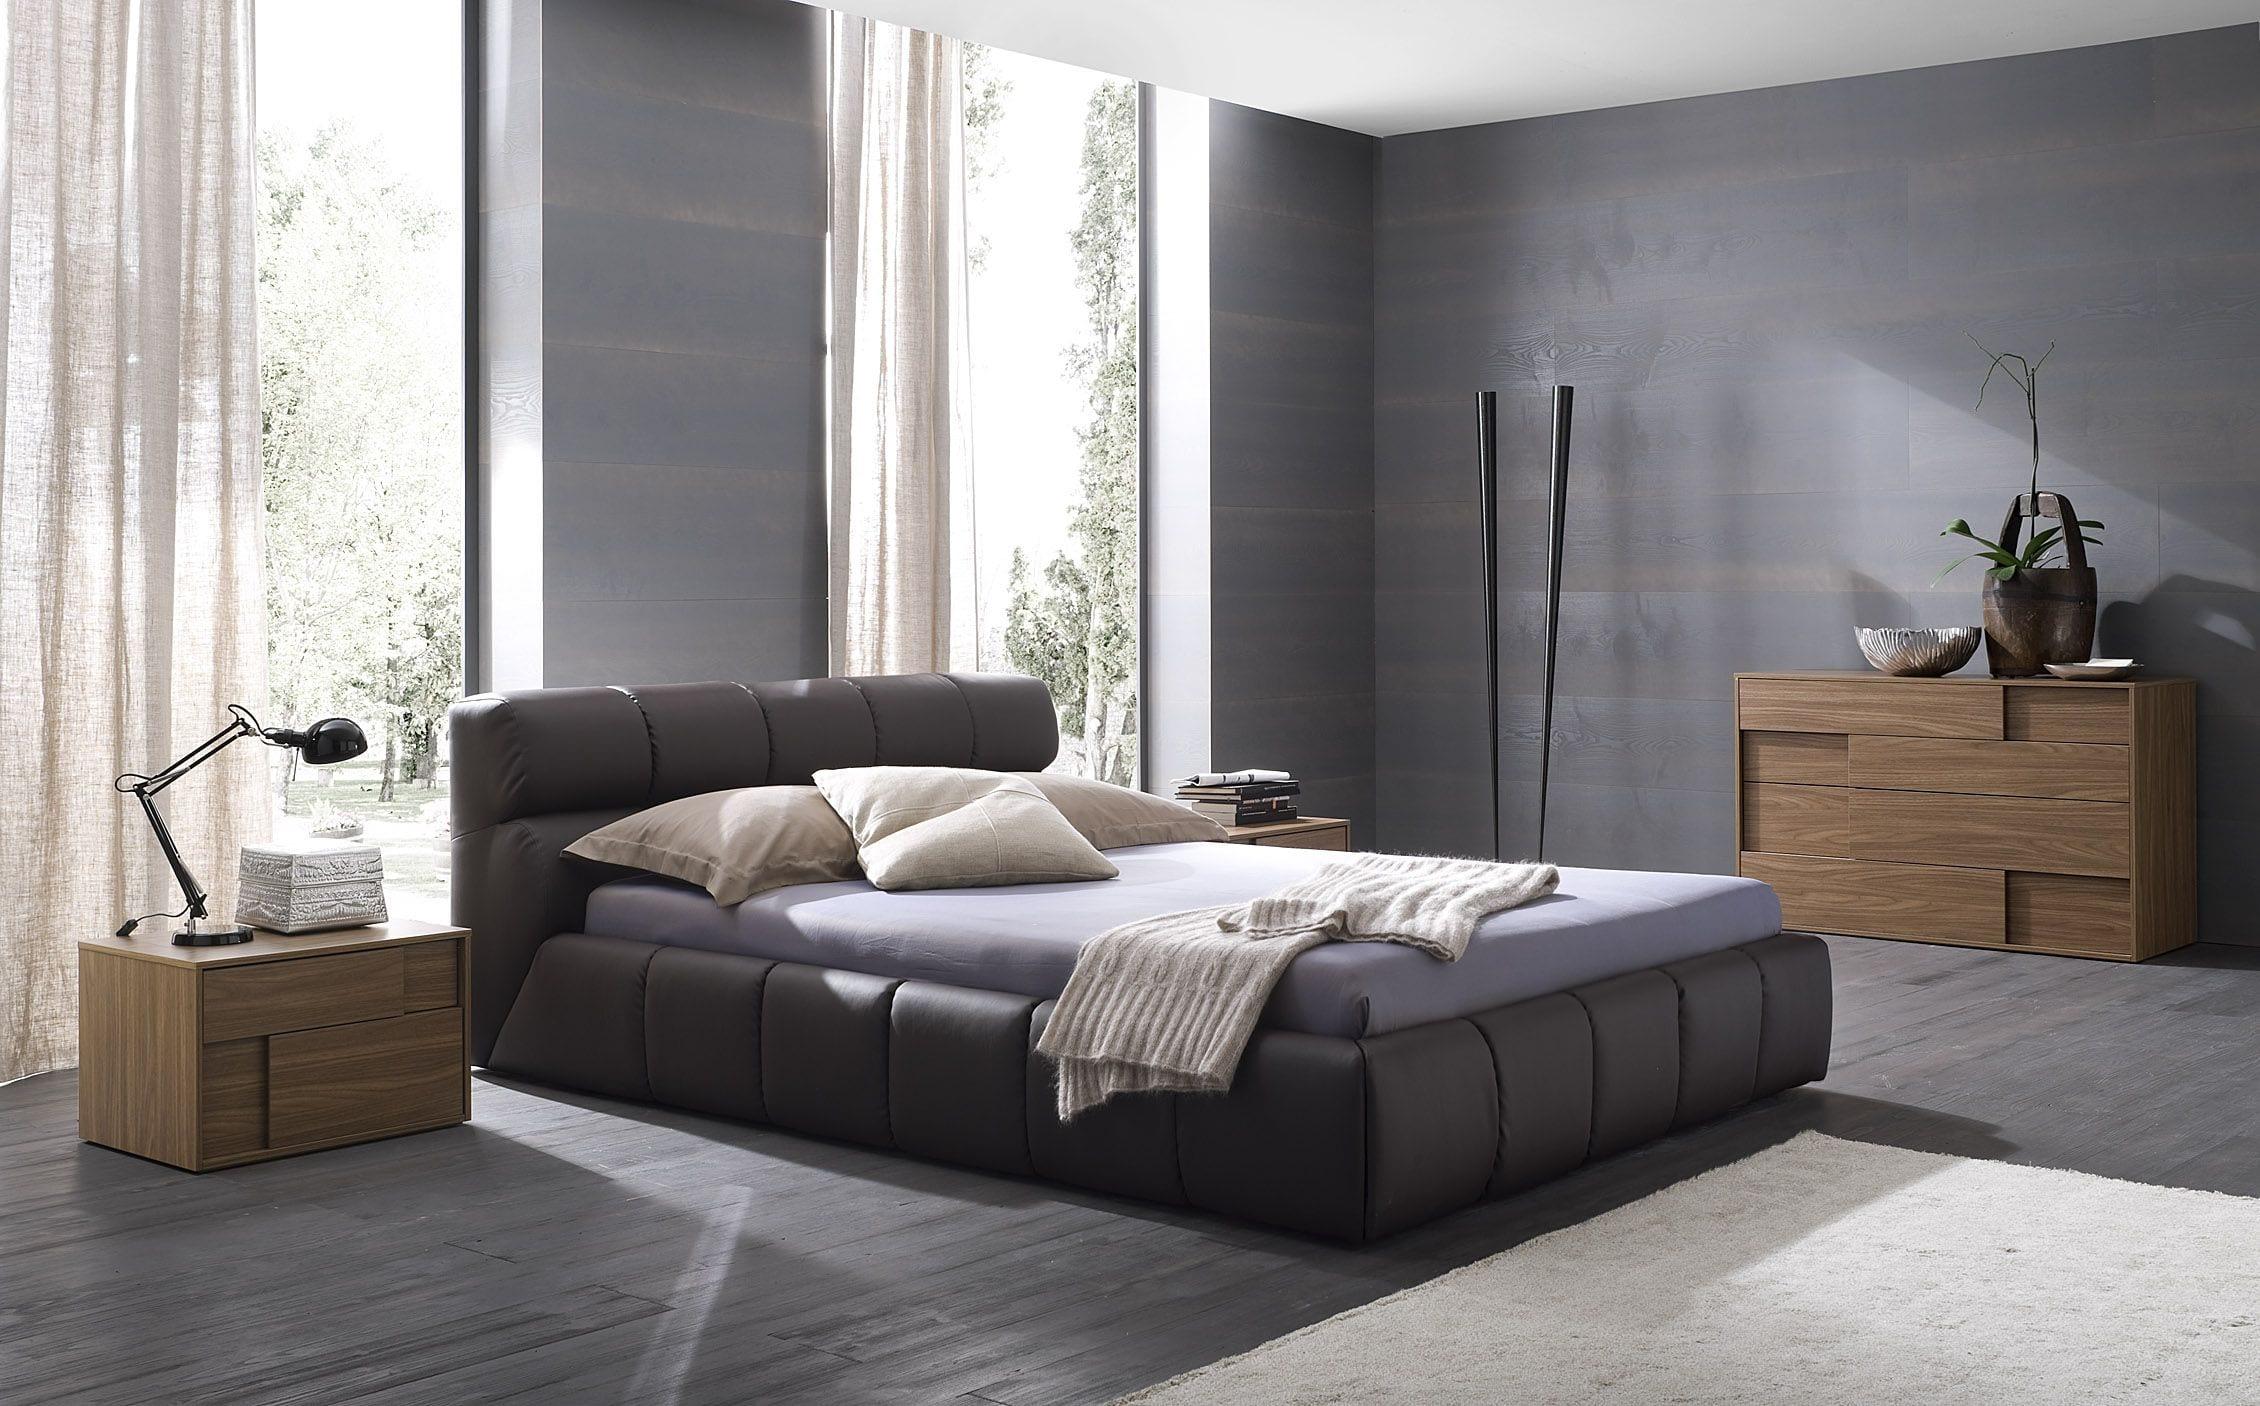 minimalistisches schlafzimmer mit grauem Holzboden und ledderbett grau-moderne holzmöbel fürs schlafzimmer